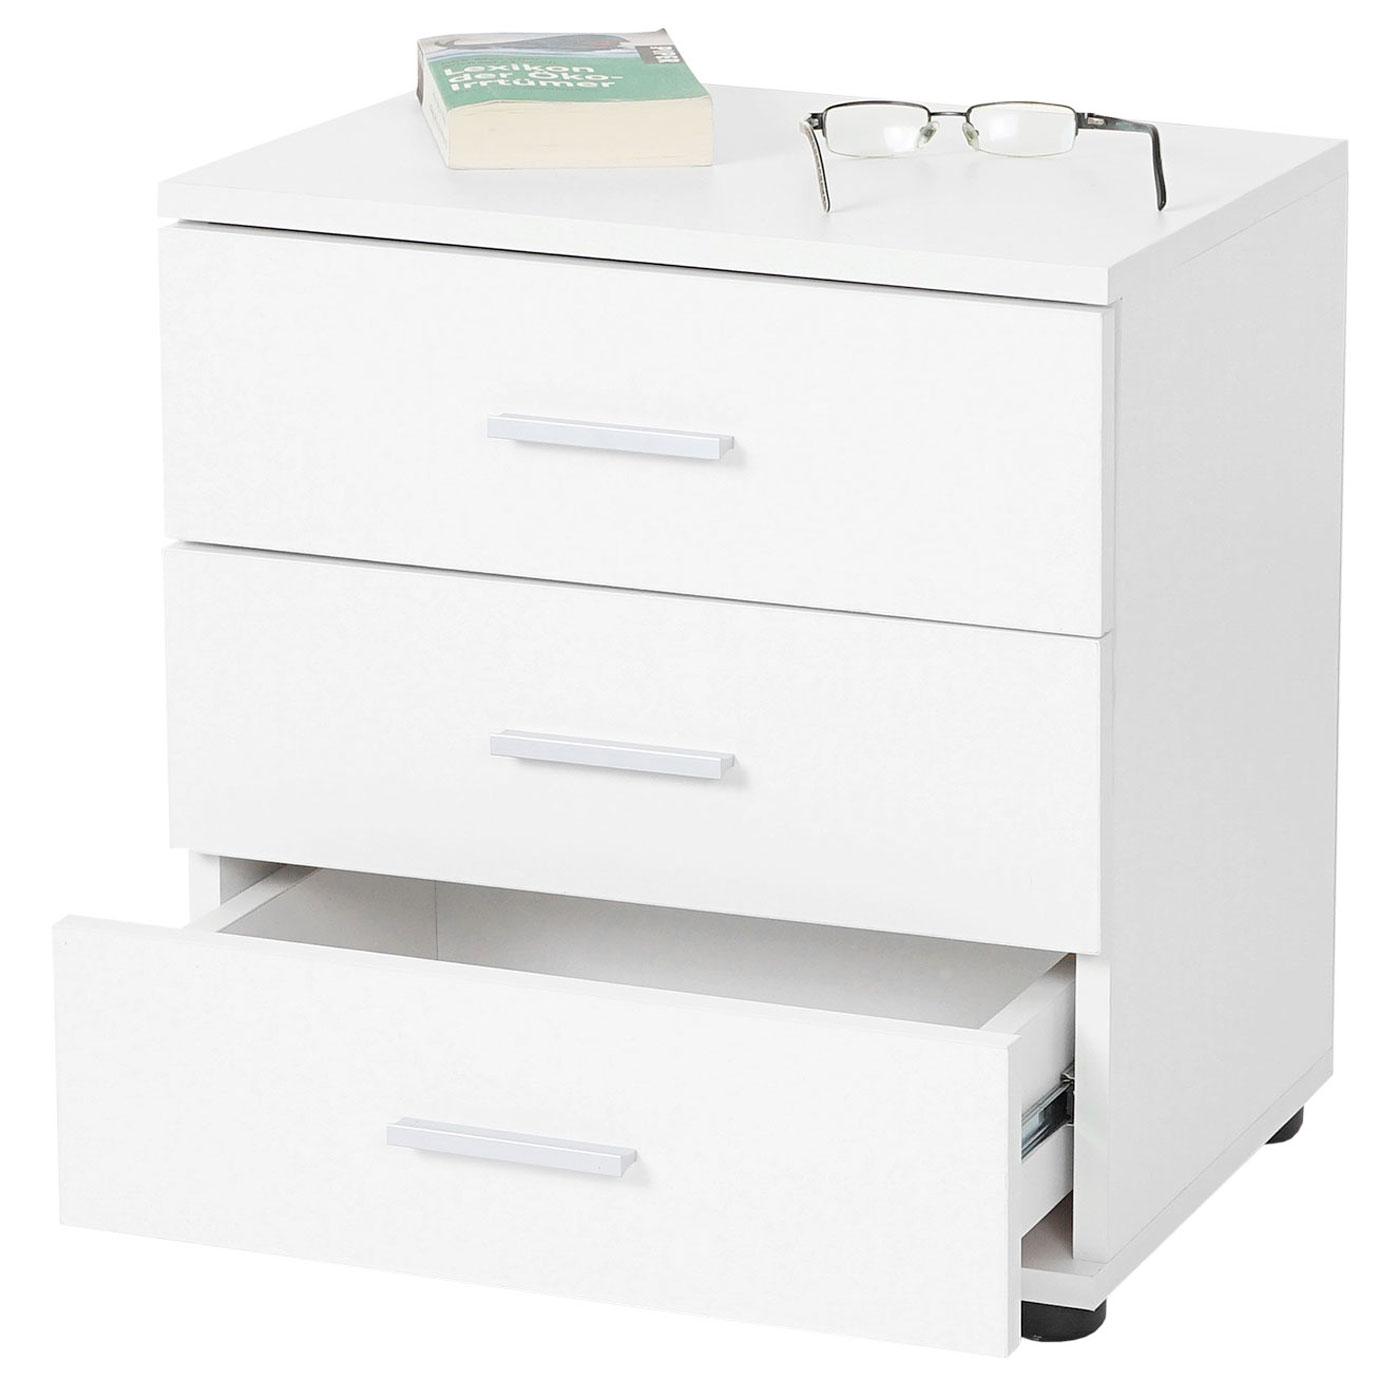 kommode pavia nachtschrank nachttisch 3 schubladen 50x45x34cm ebay. Black Bedroom Furniture Sets. Home Design Ideas